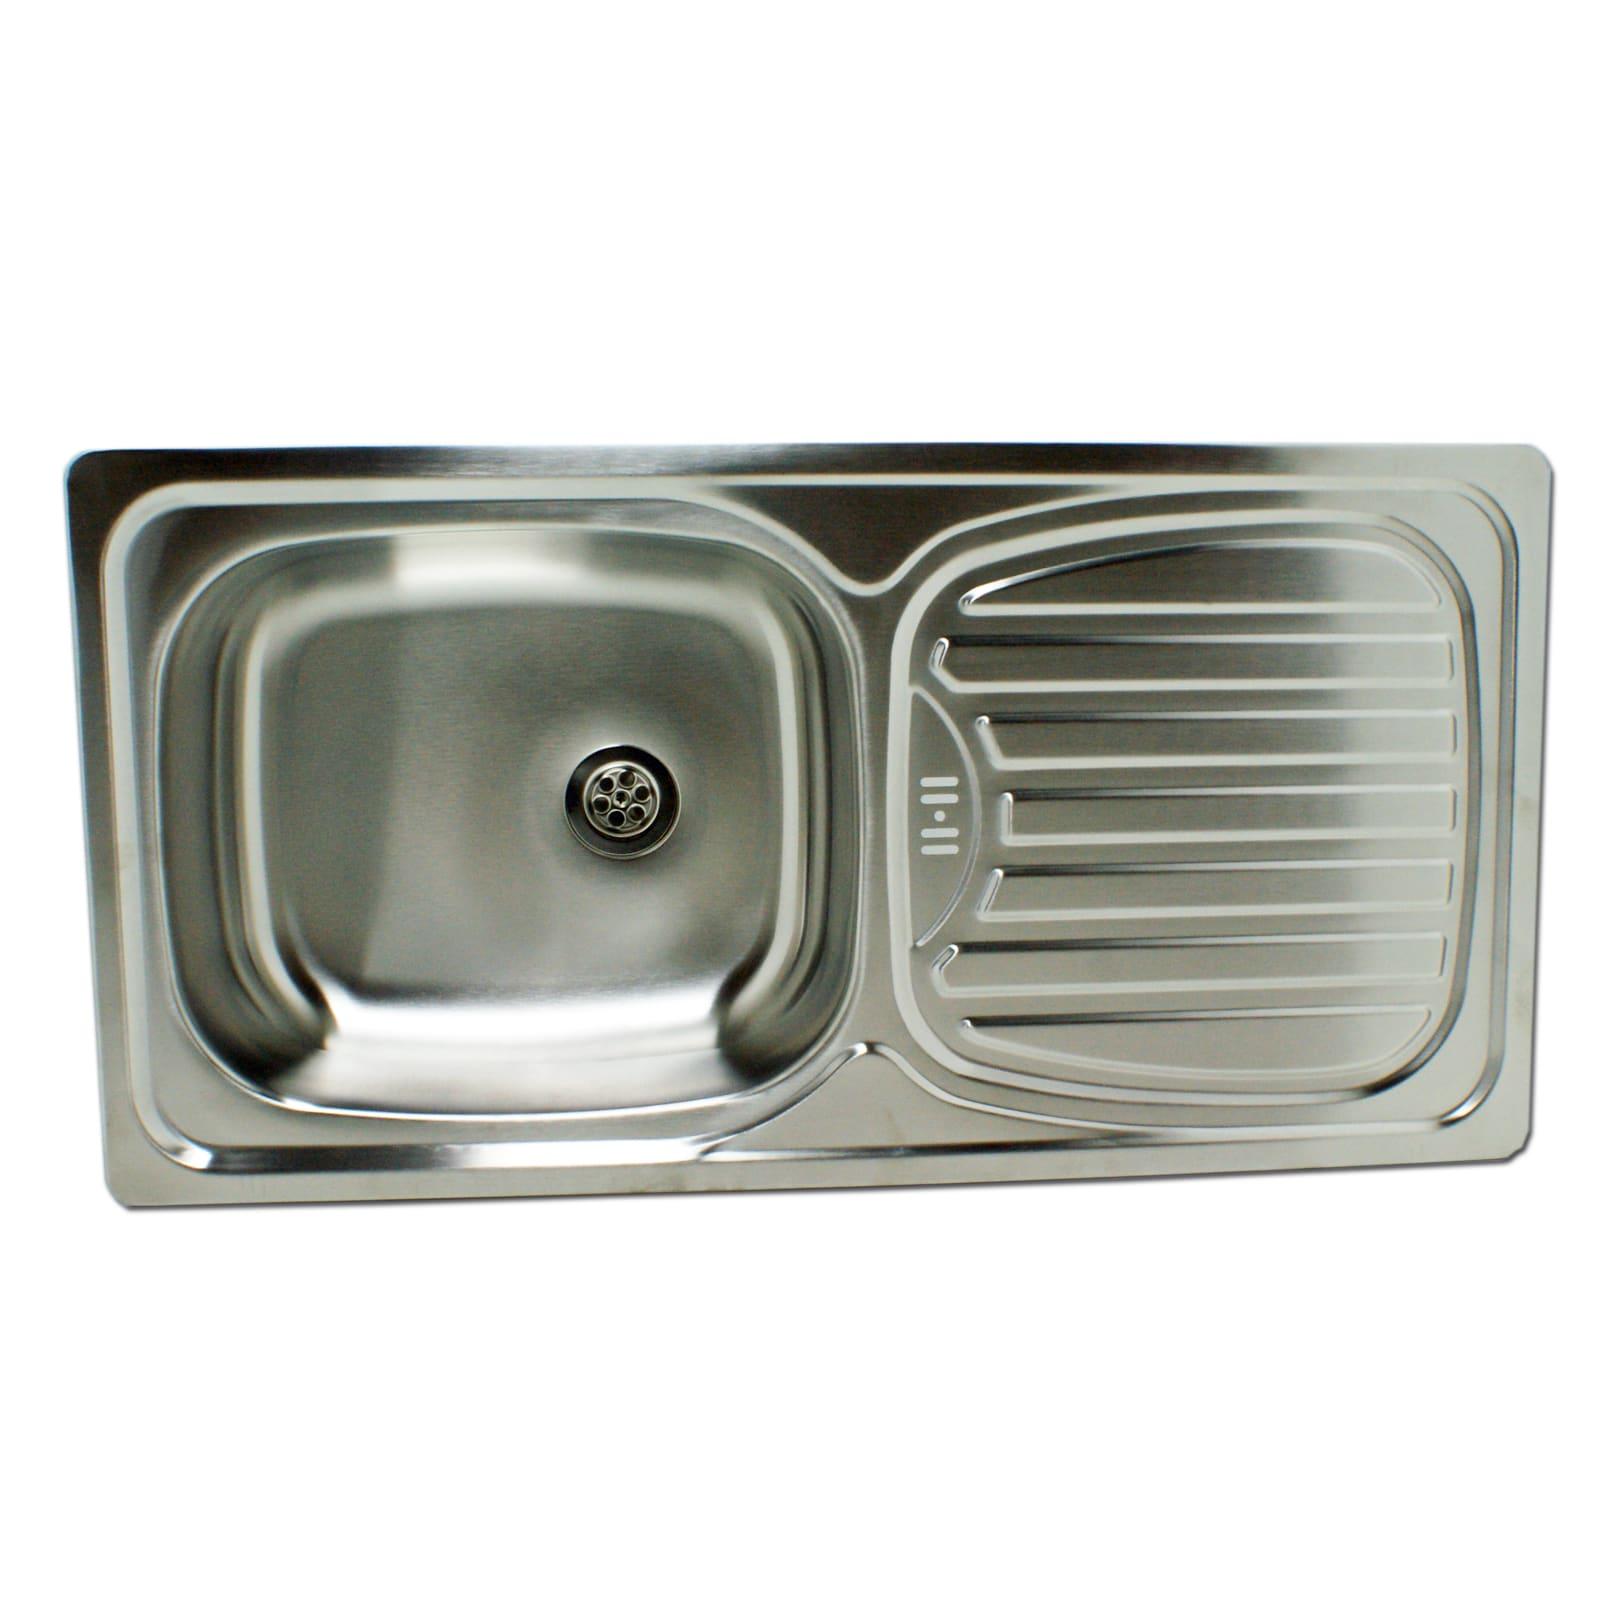 Edelstahl Waschbecken edelstahl waschbecken spüle einbauspüle spülbecken küchenspüle